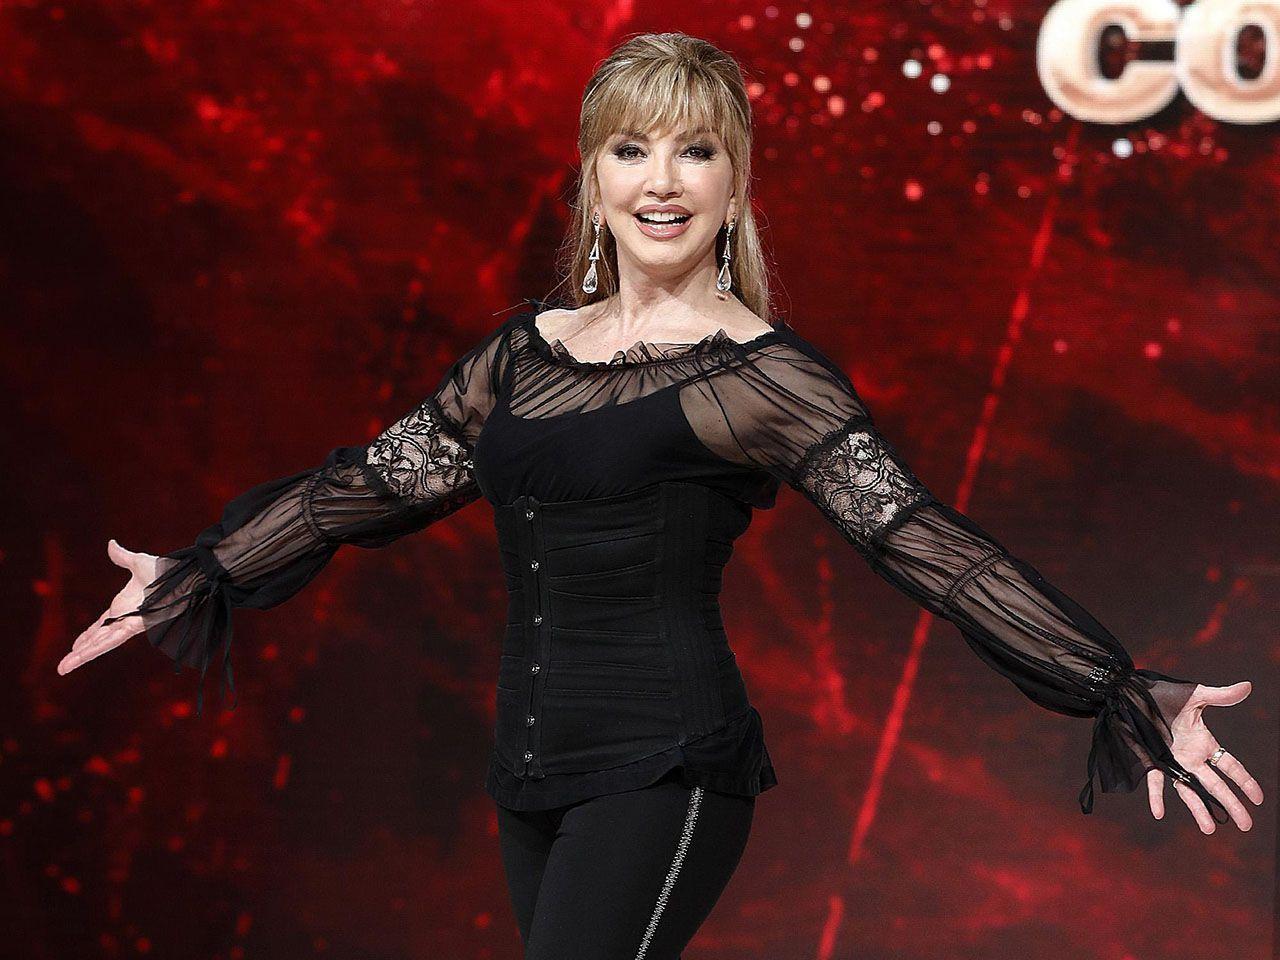 Milly Carlucci Ballando con le Stelle 2019 Maria De Filippi